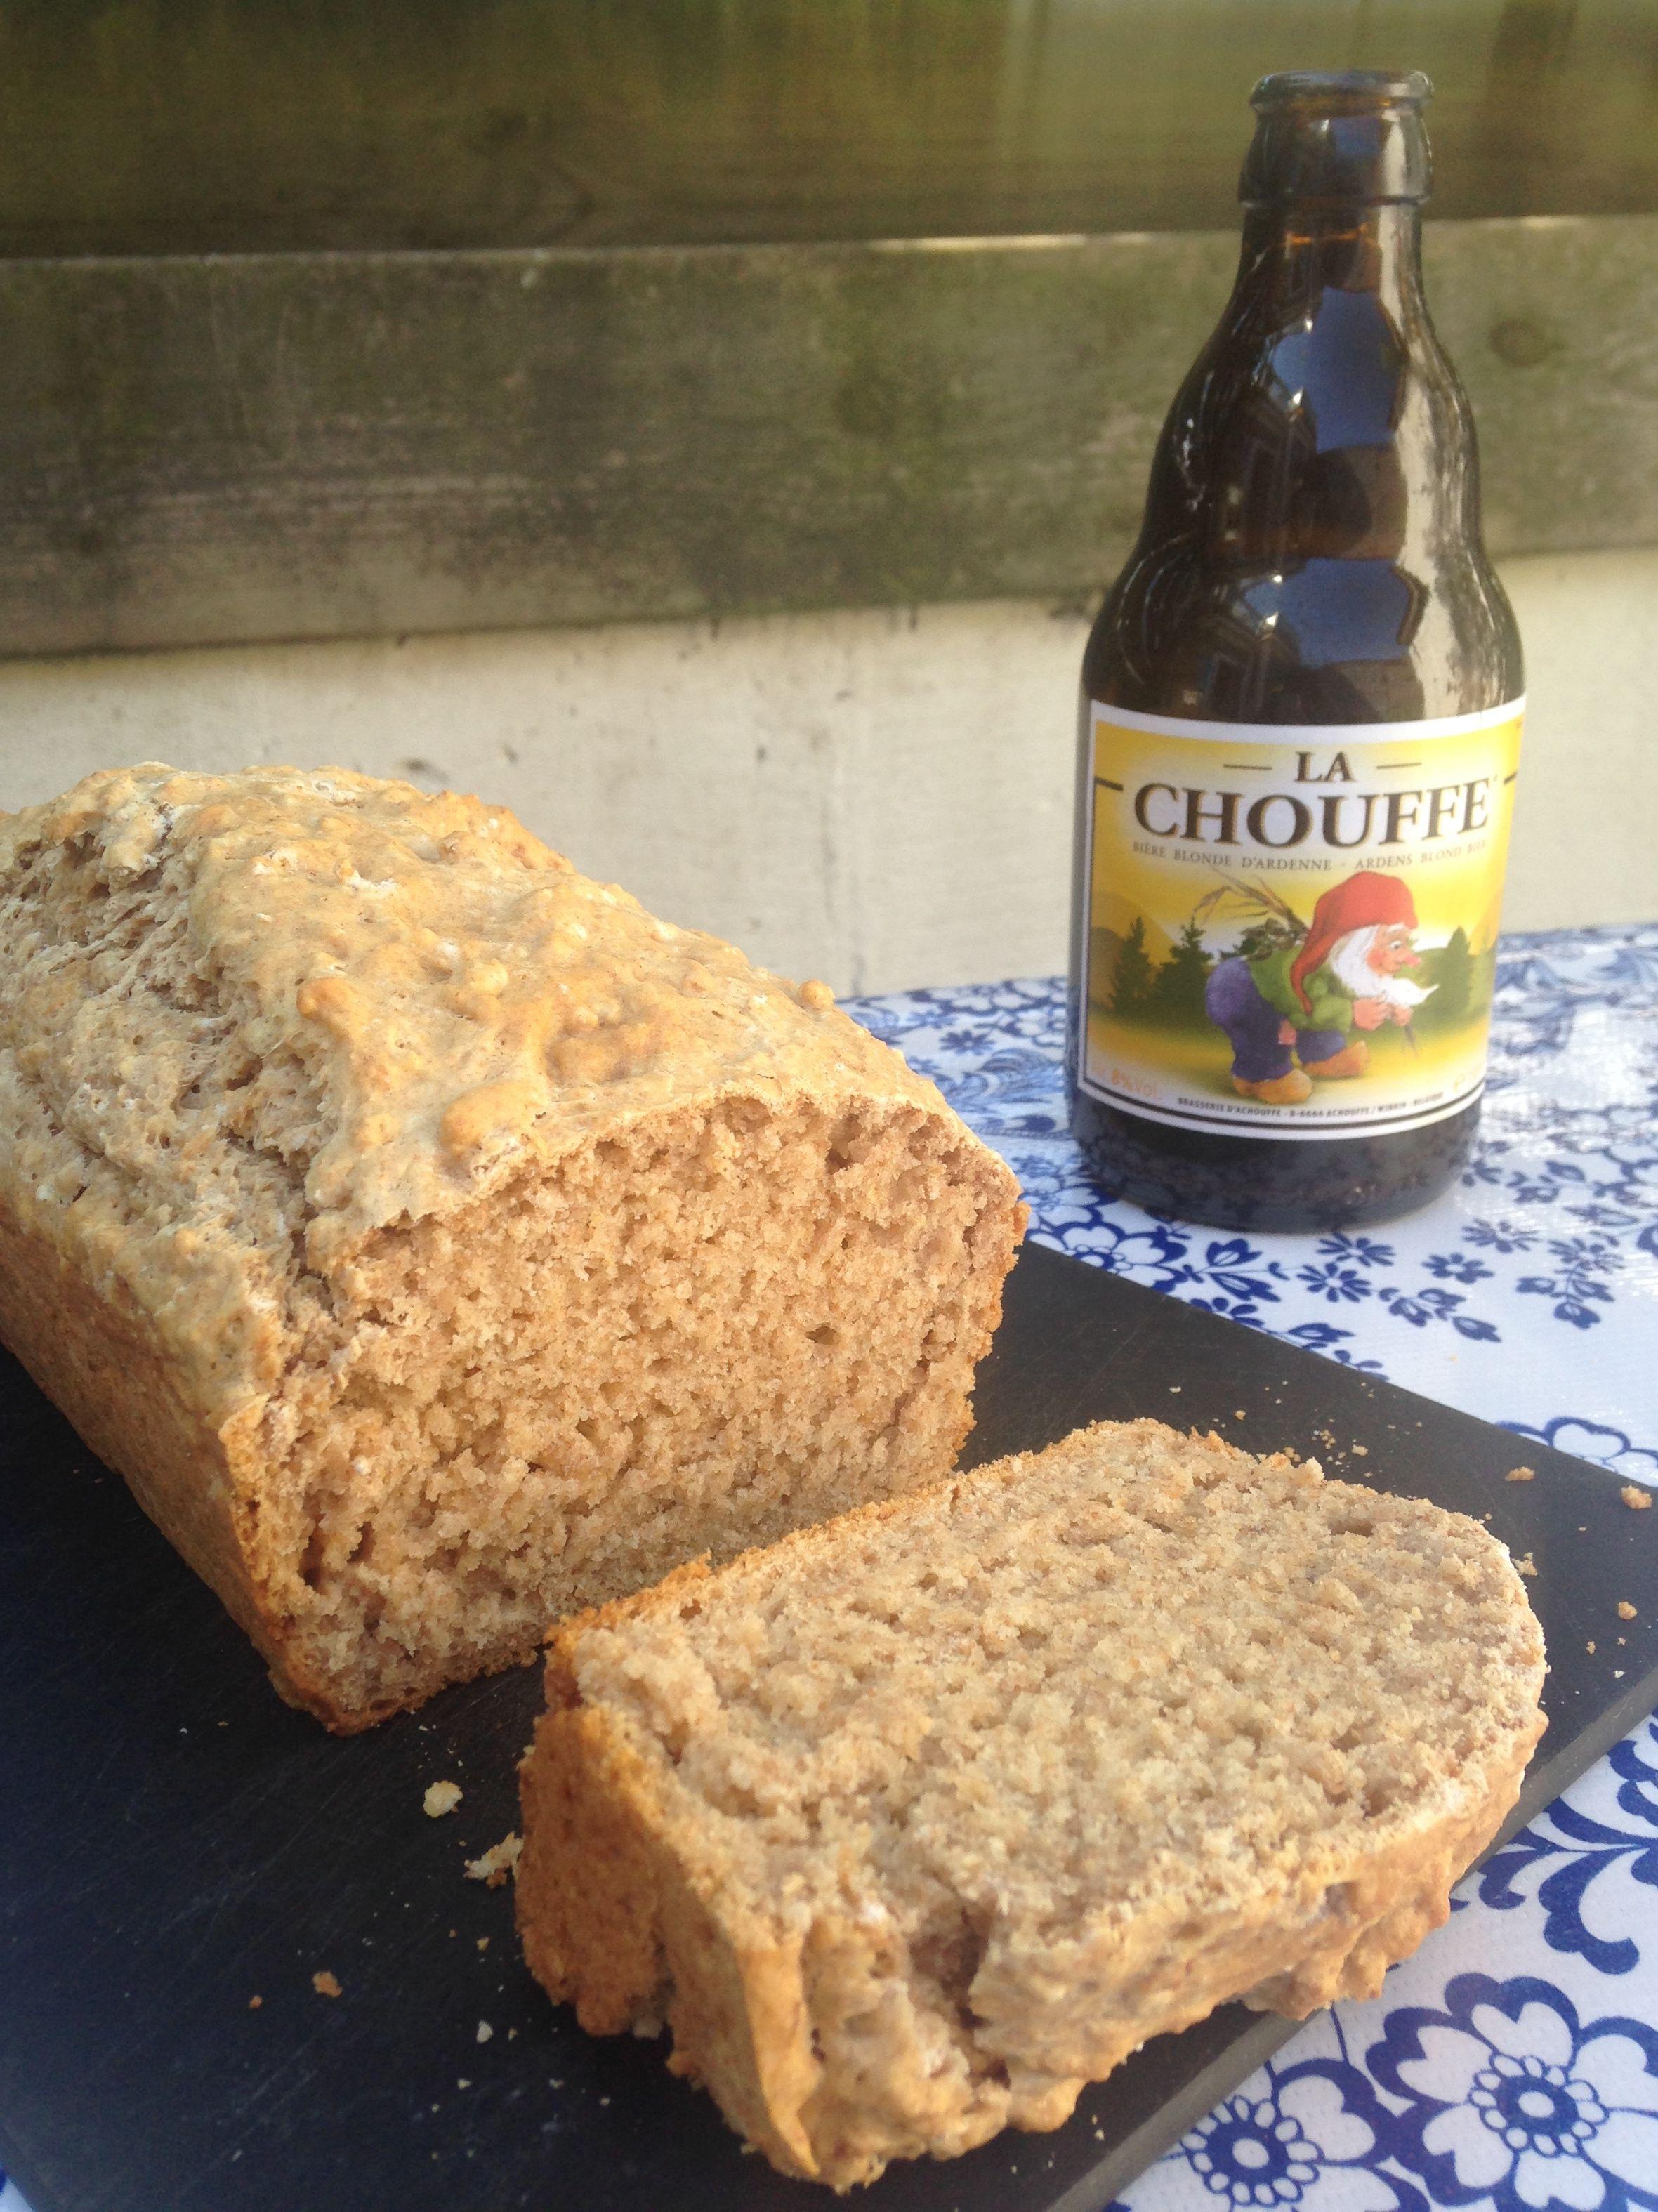 Laatst at ik in een café in Amsterdam bij de borrel een stuk bierbrood. Ik had er zelf nog nooit van gehoord, maar het brood smaakte heerlijk. Dat moest ik ook maken! Het volgende weekend ging ik a…